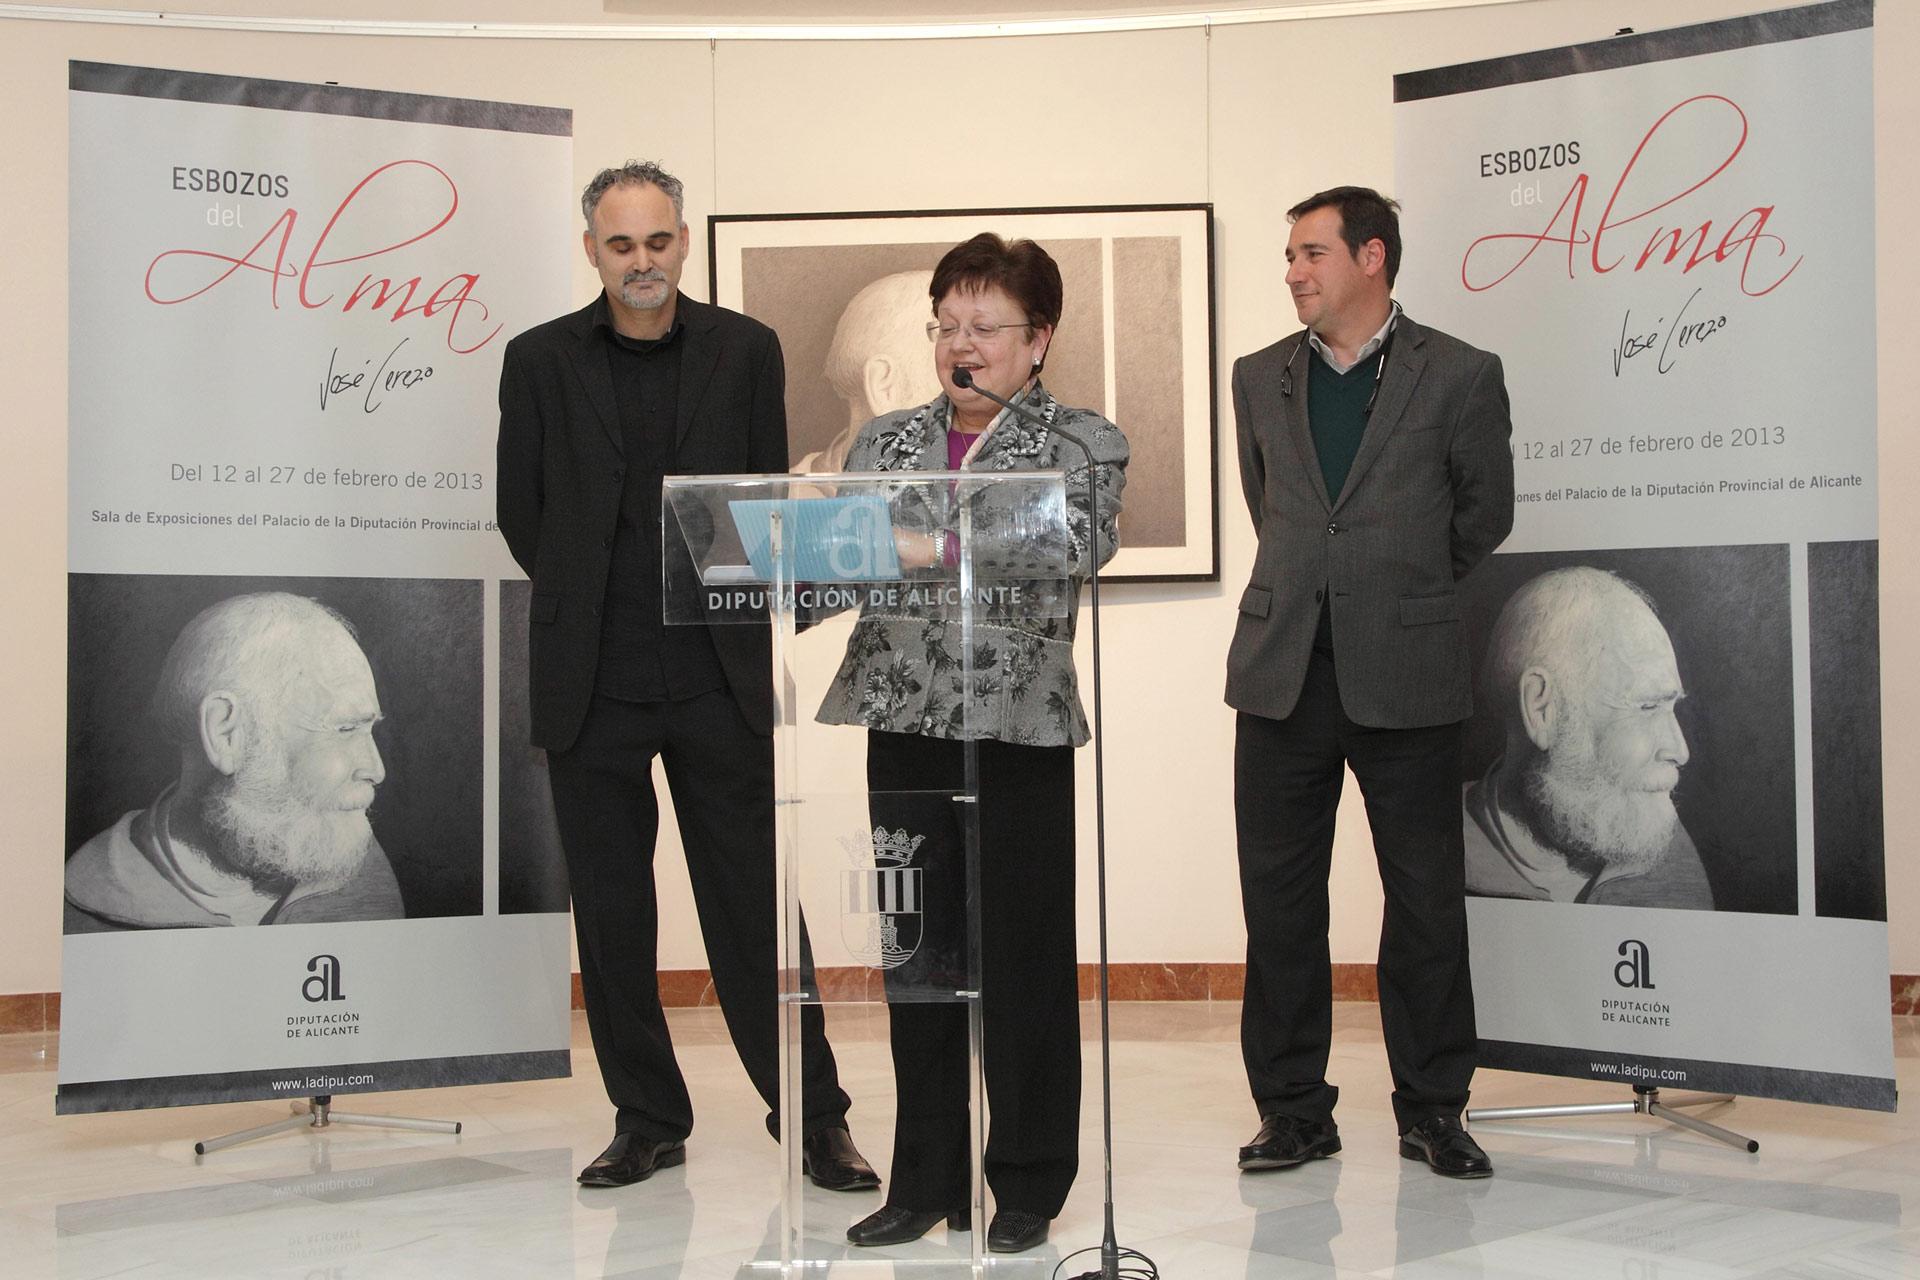 Exposicion Diputación de Alicante, Esbozos del Alma, José Cerezo